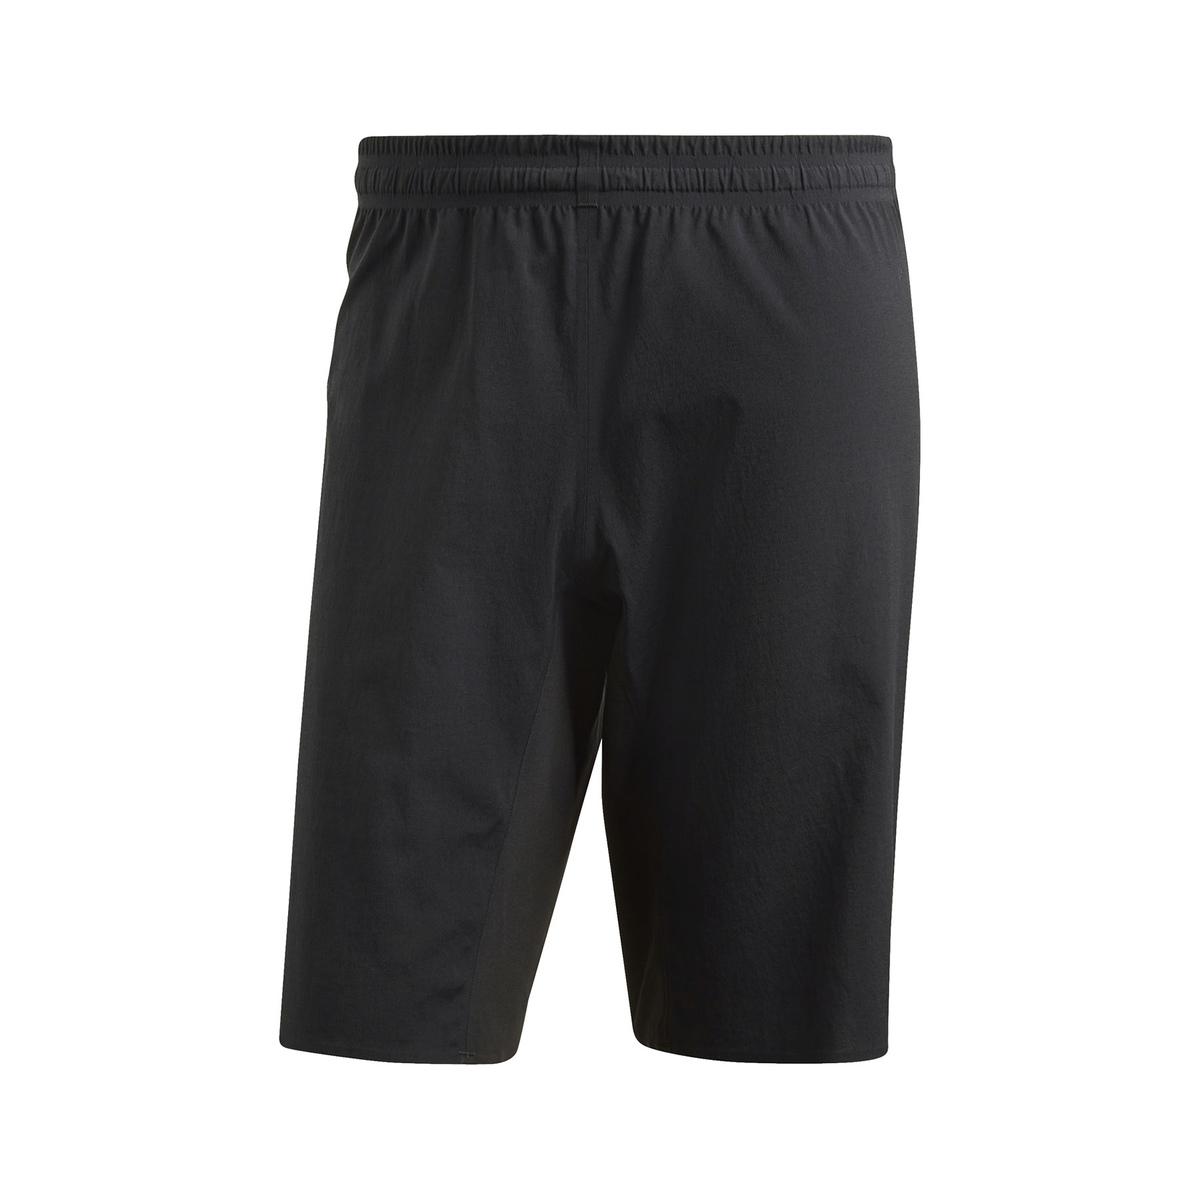 Short 4KRFT Ultra-Strong